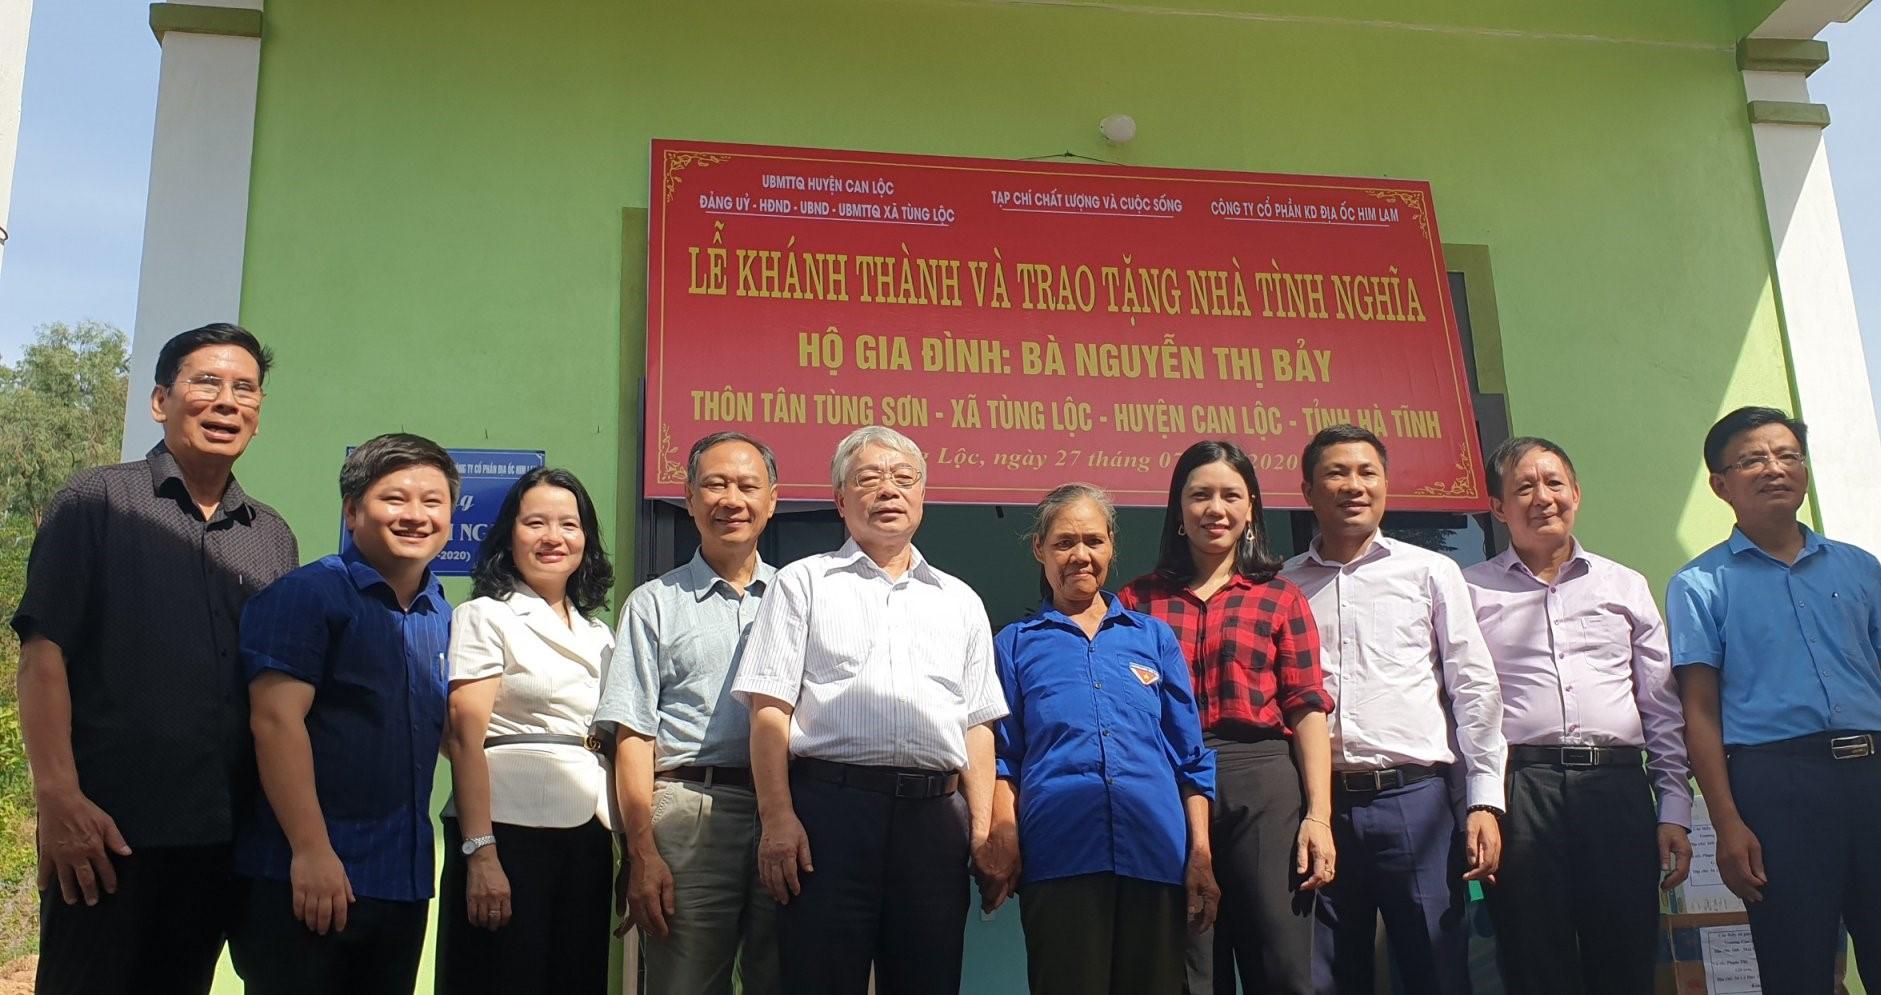 Him Lam Land chung tay trao tặng nhà tình nghĩa cho gia đình liệt sỹ ở Can Lộc, Hà Tĩnh - Ảnh 1